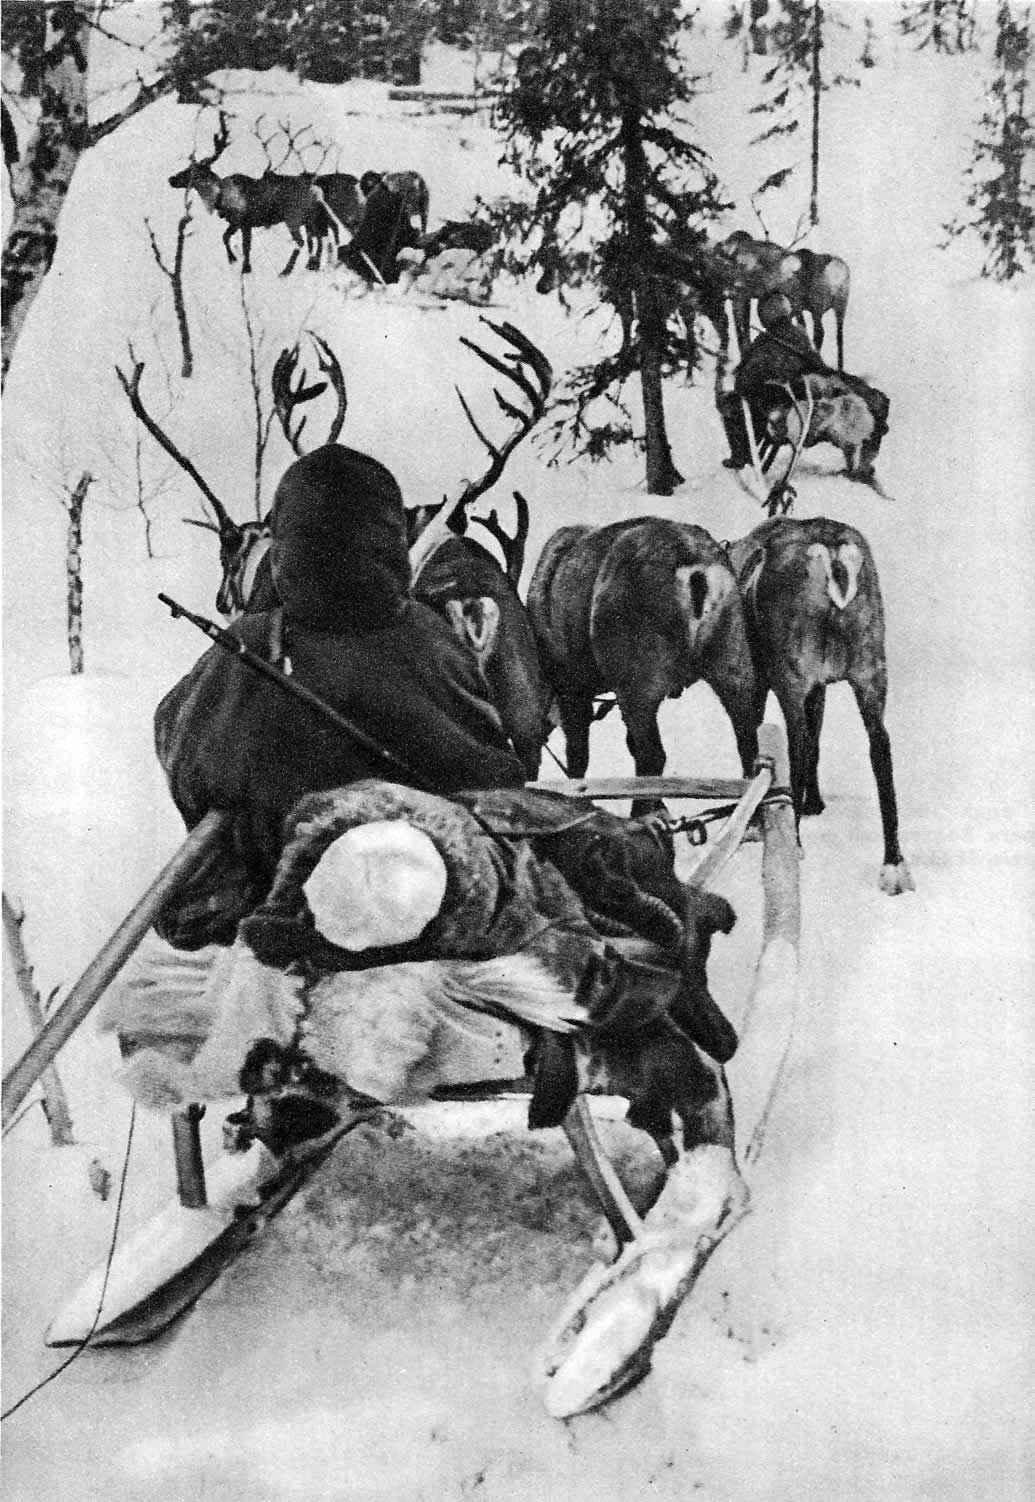 Карельский фронт: эвакуация советского раненого на оленях